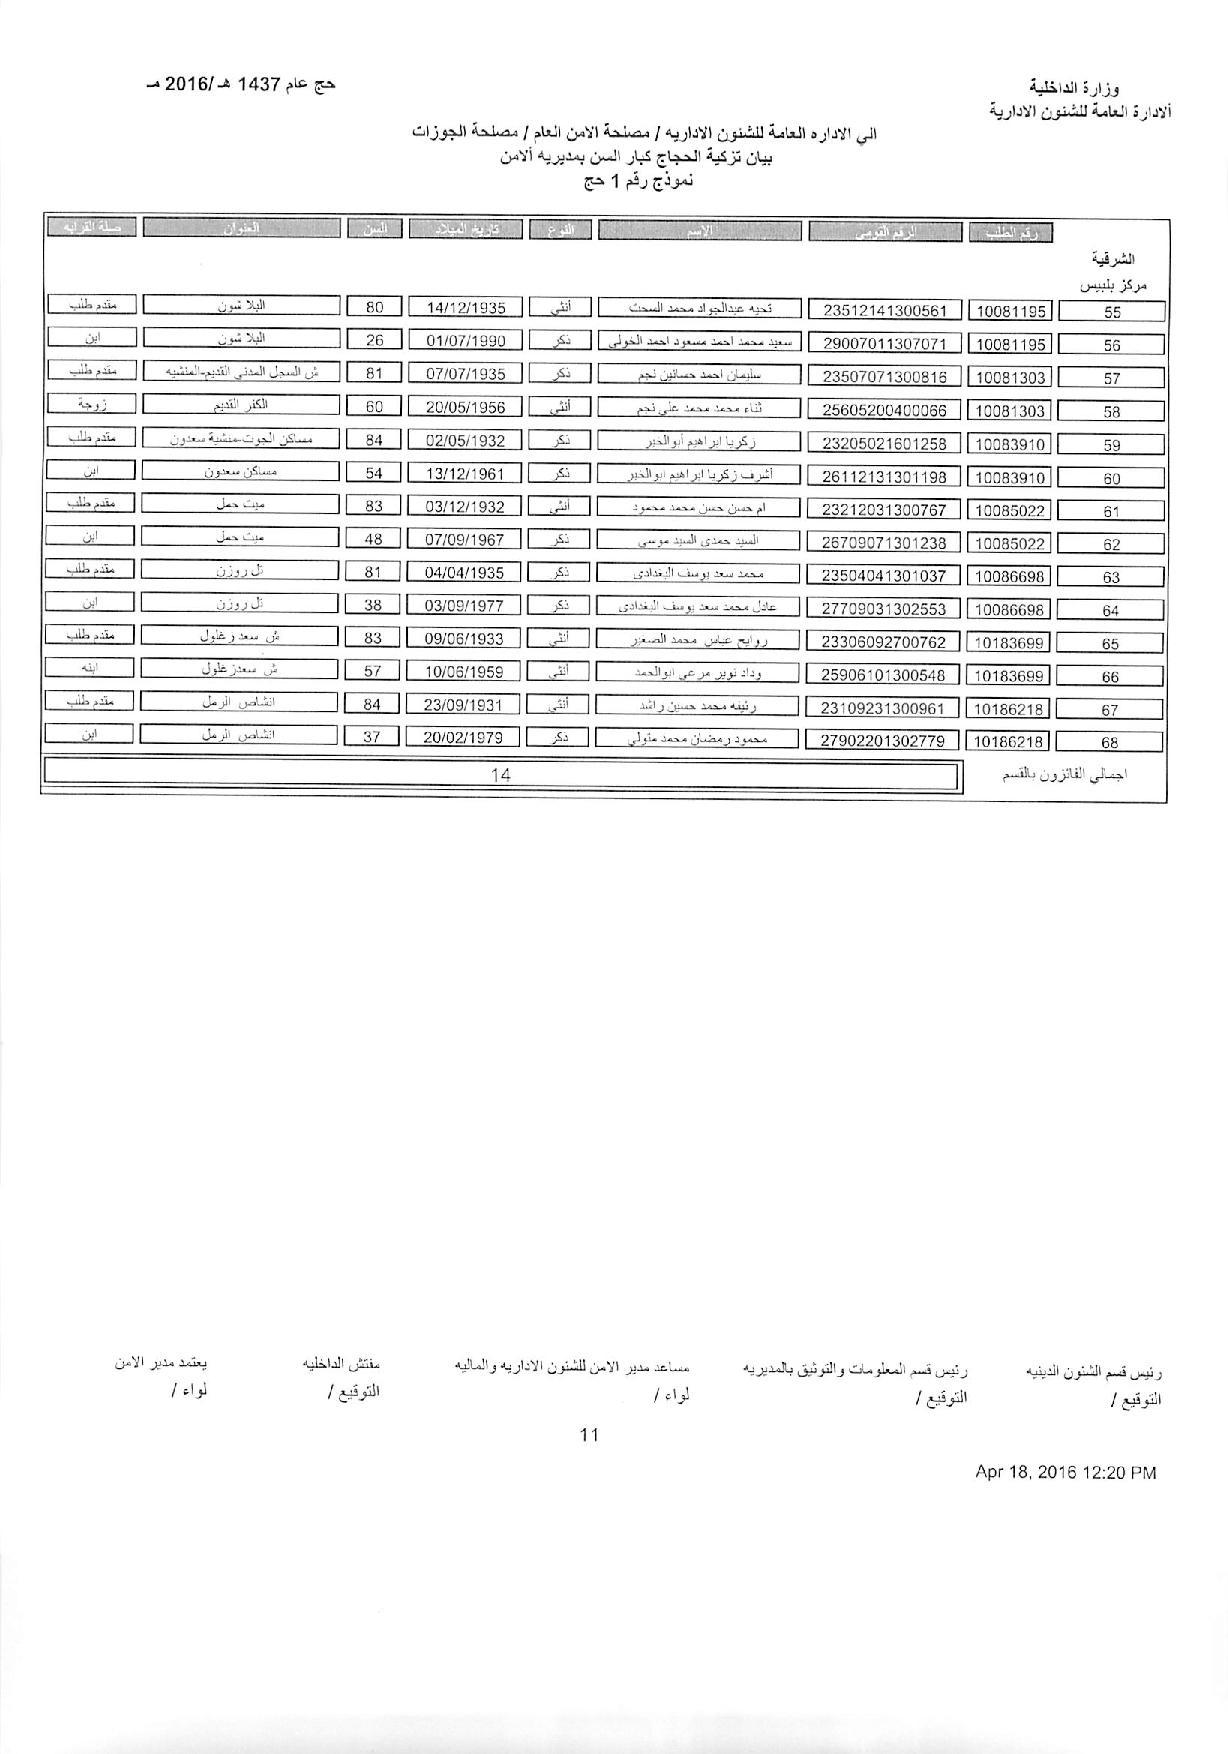 اسماء الحجاج الفائزون بالقرعة لعام 1437هـ 2016م (13)